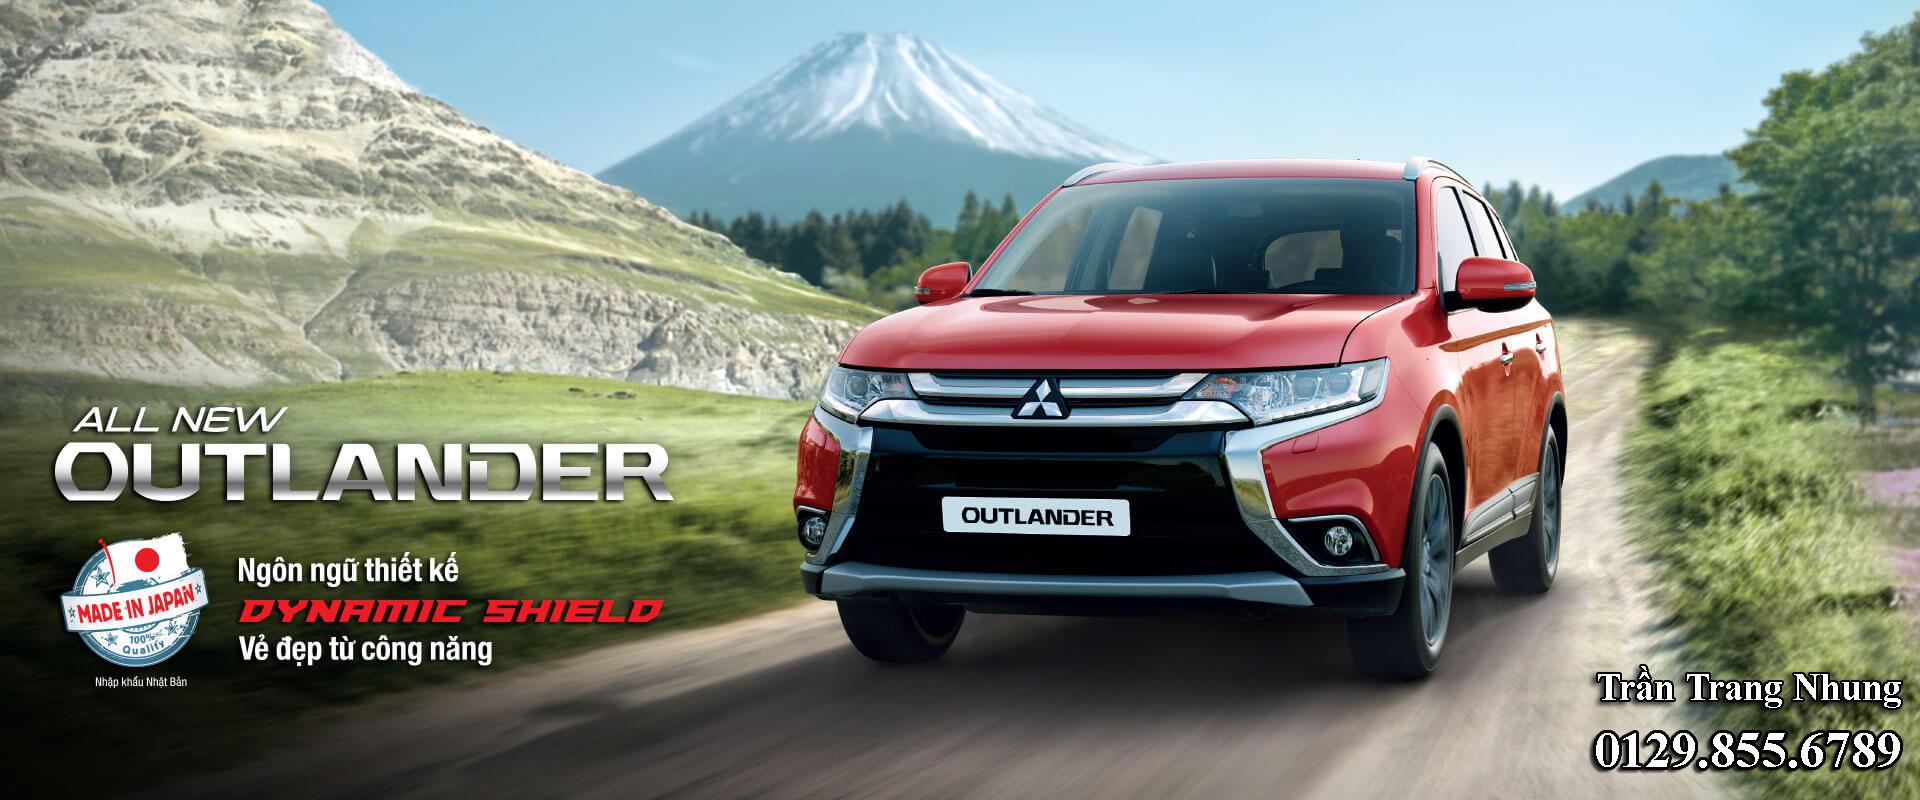 Mitsubishi Outlander 1 cầu 2.0 STD nhập khẩu nguyên chiếc